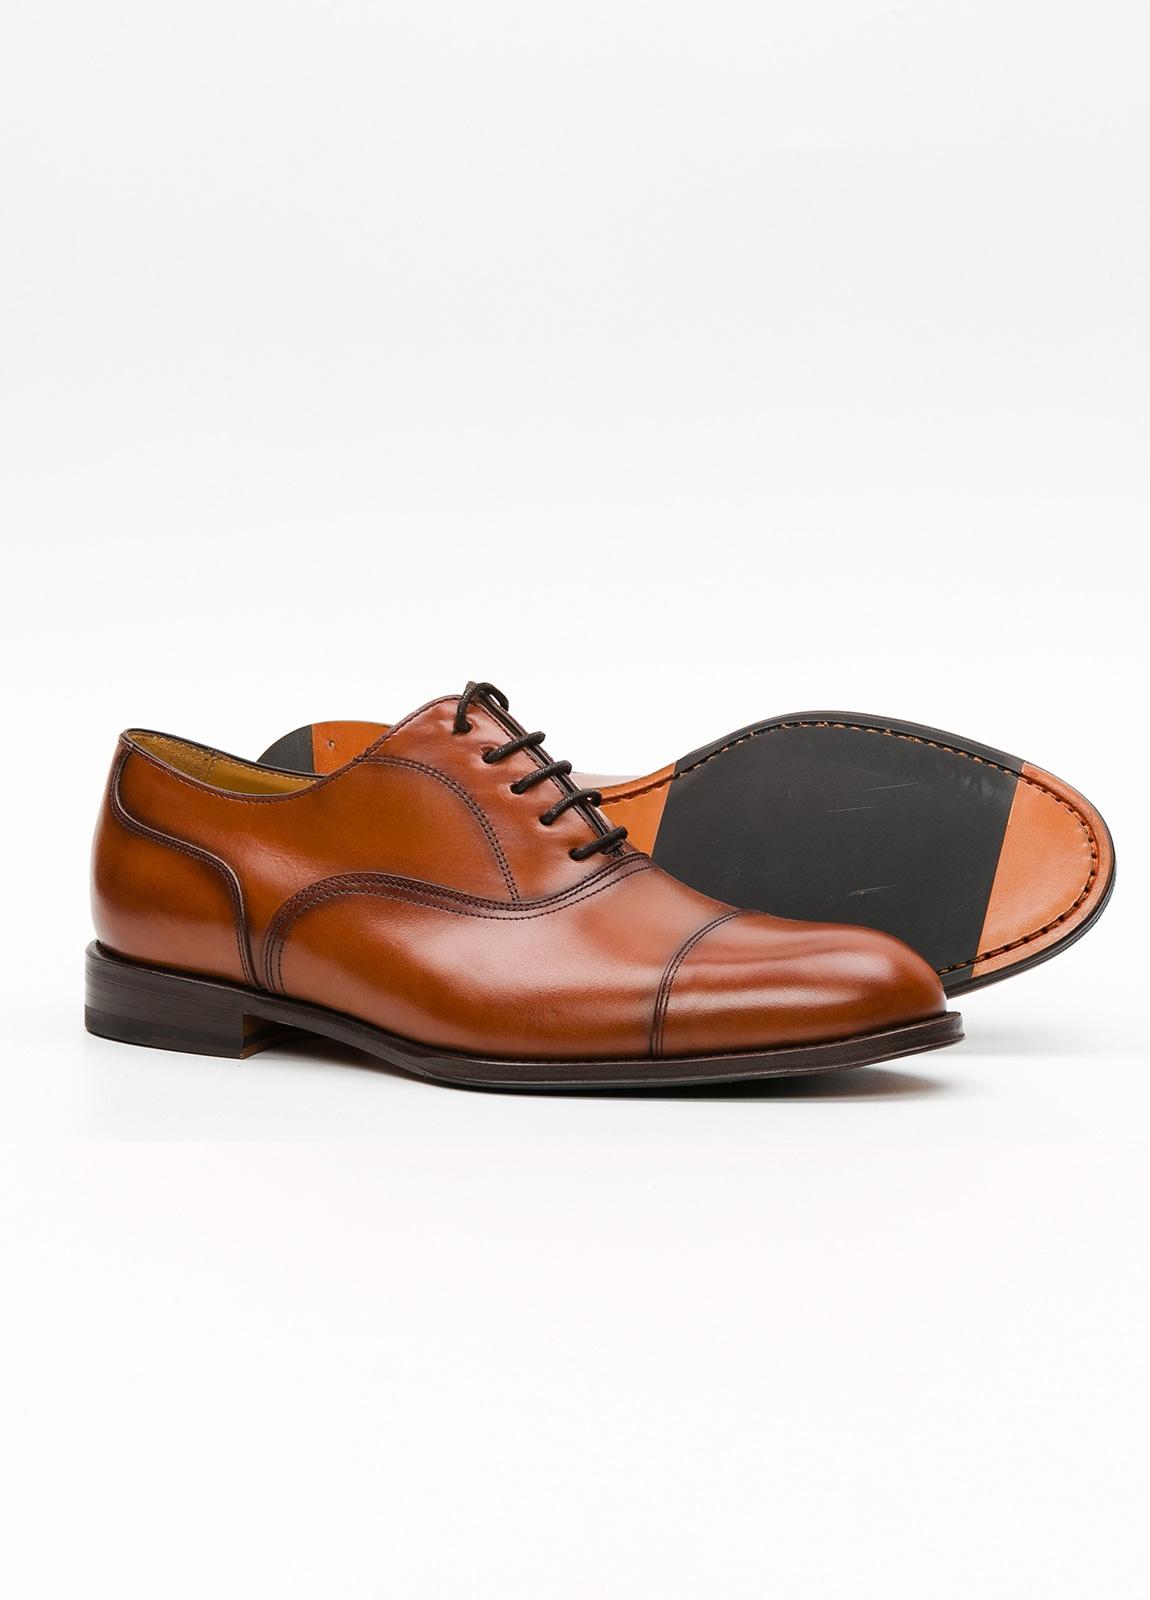 Zapato Formal Wear color marrón con cordones, 100% Piel. - Ítem3